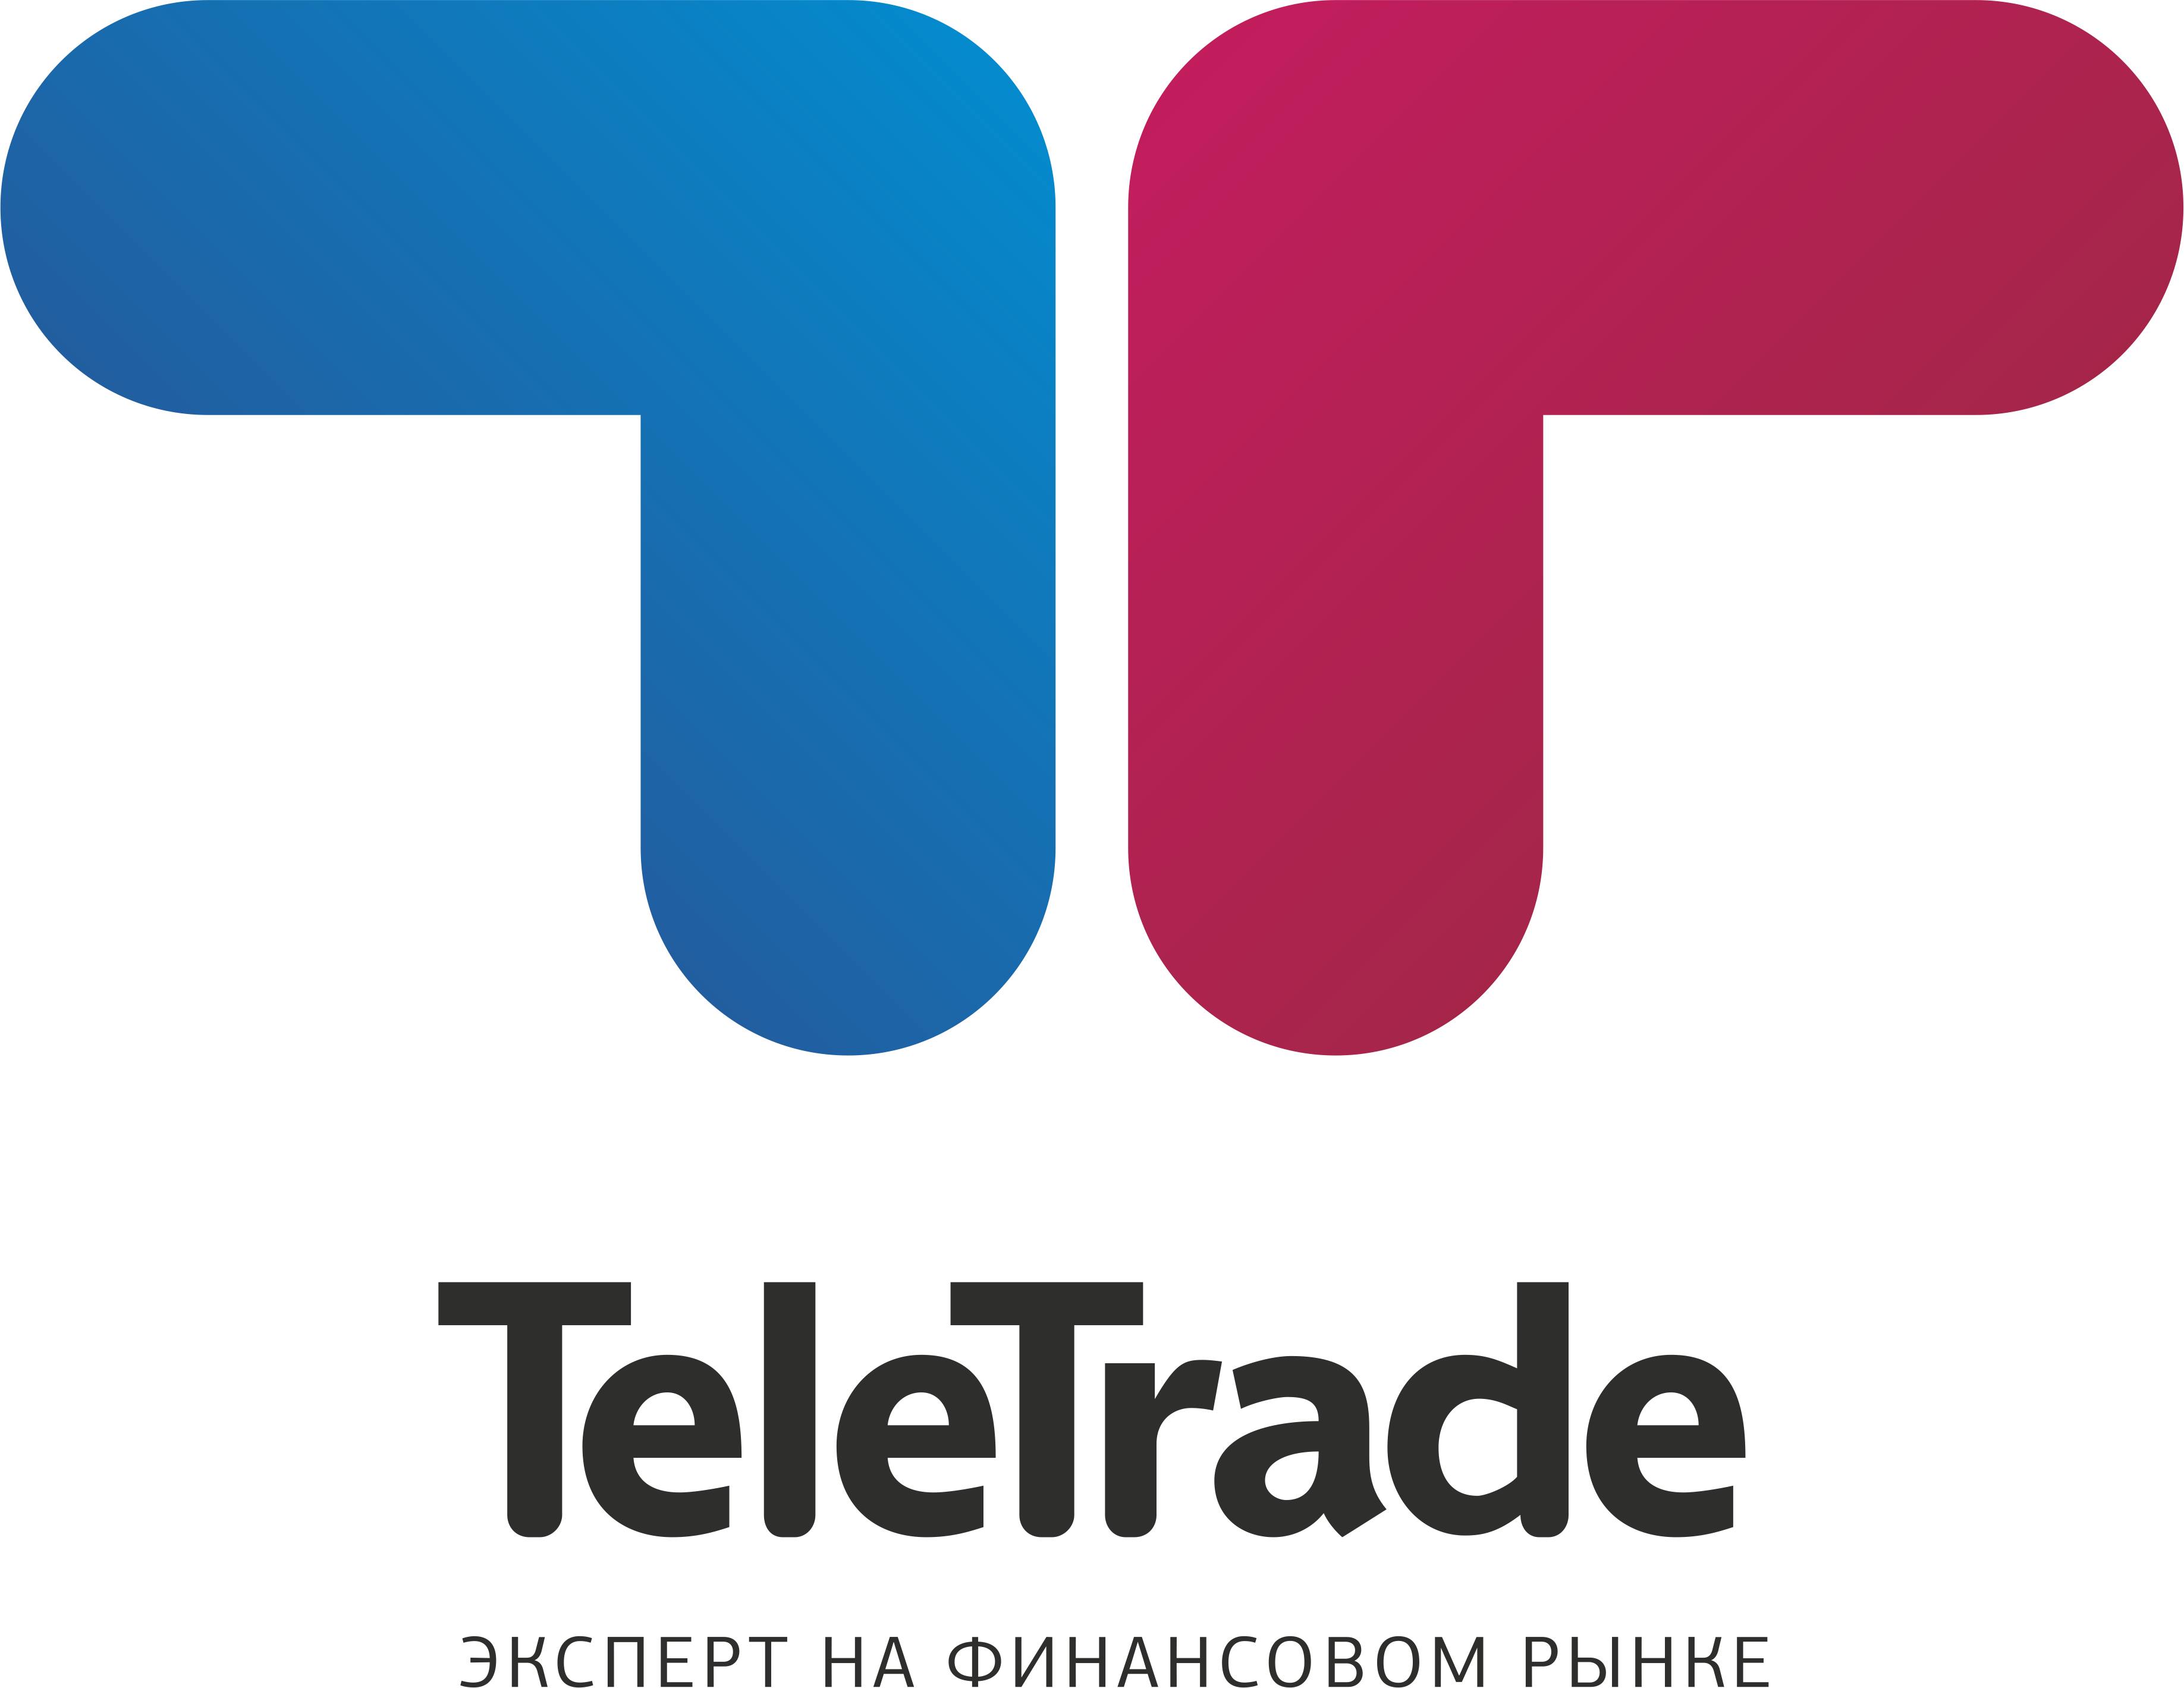 ТелеТрейд.png